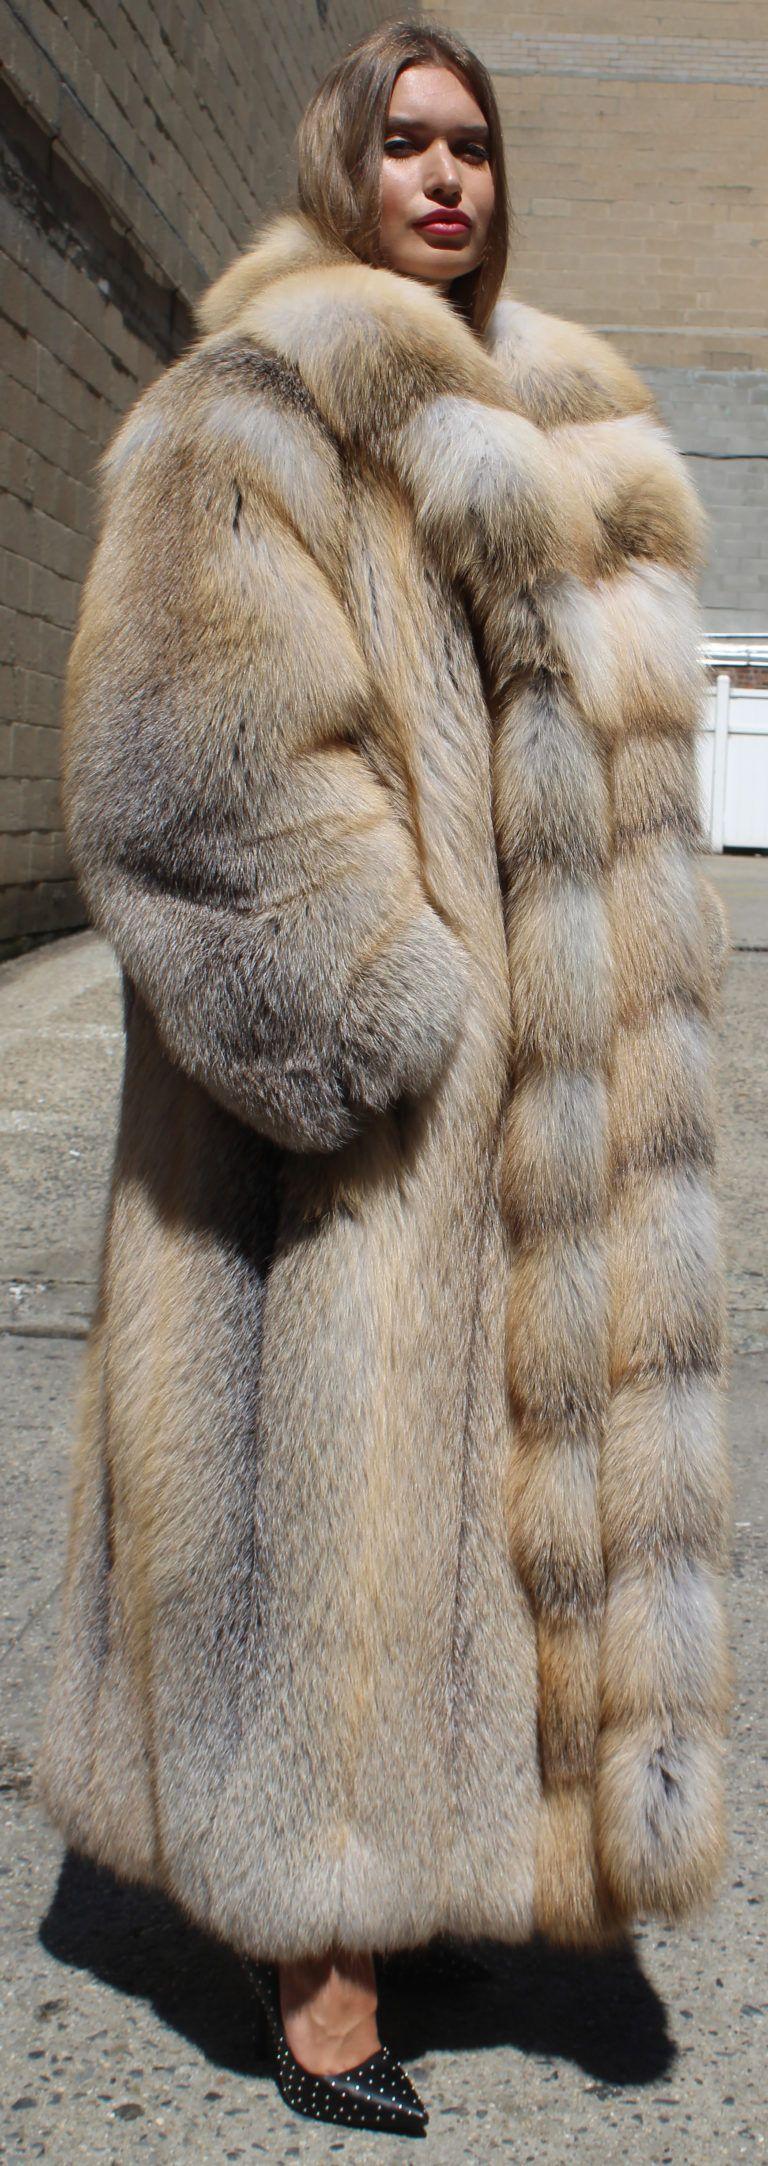 Super Size Silver Fox | Fox fur coat, Fur, Fur coat